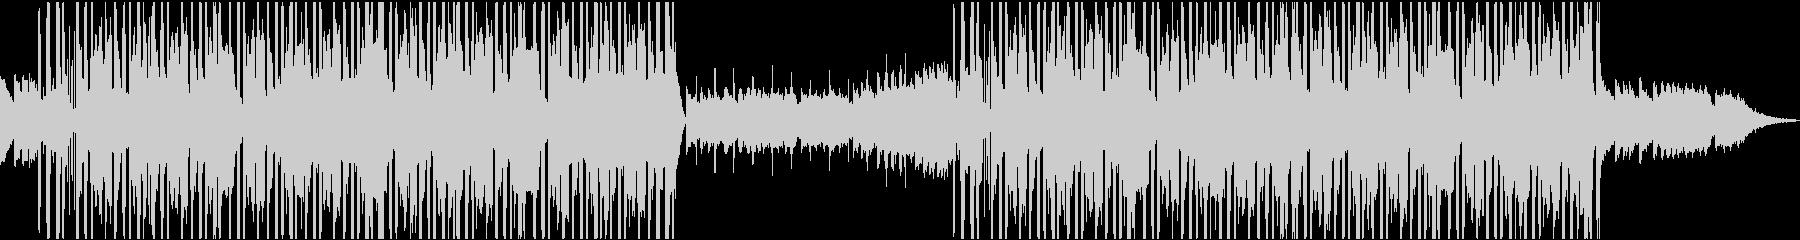 ジャジーモダンリラックスラウンジの背景の未再生の波形